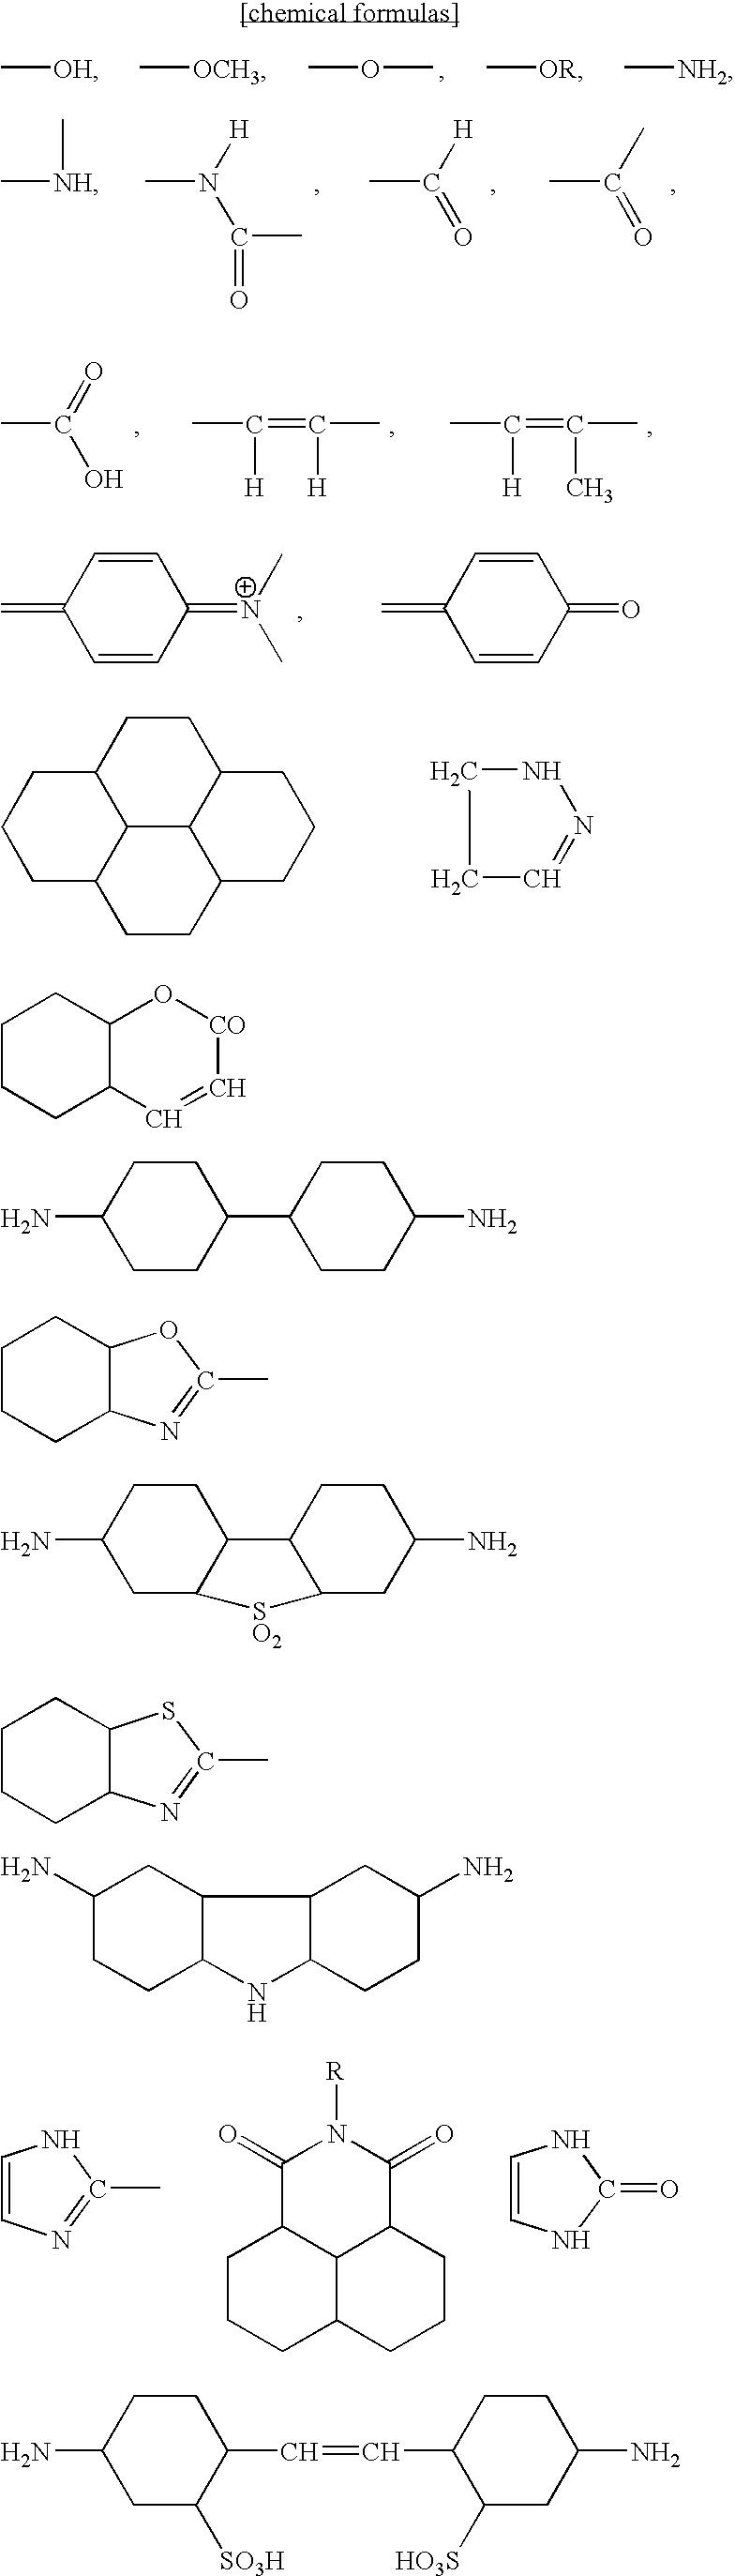 Figure US20060012657A1-20060119-C00001